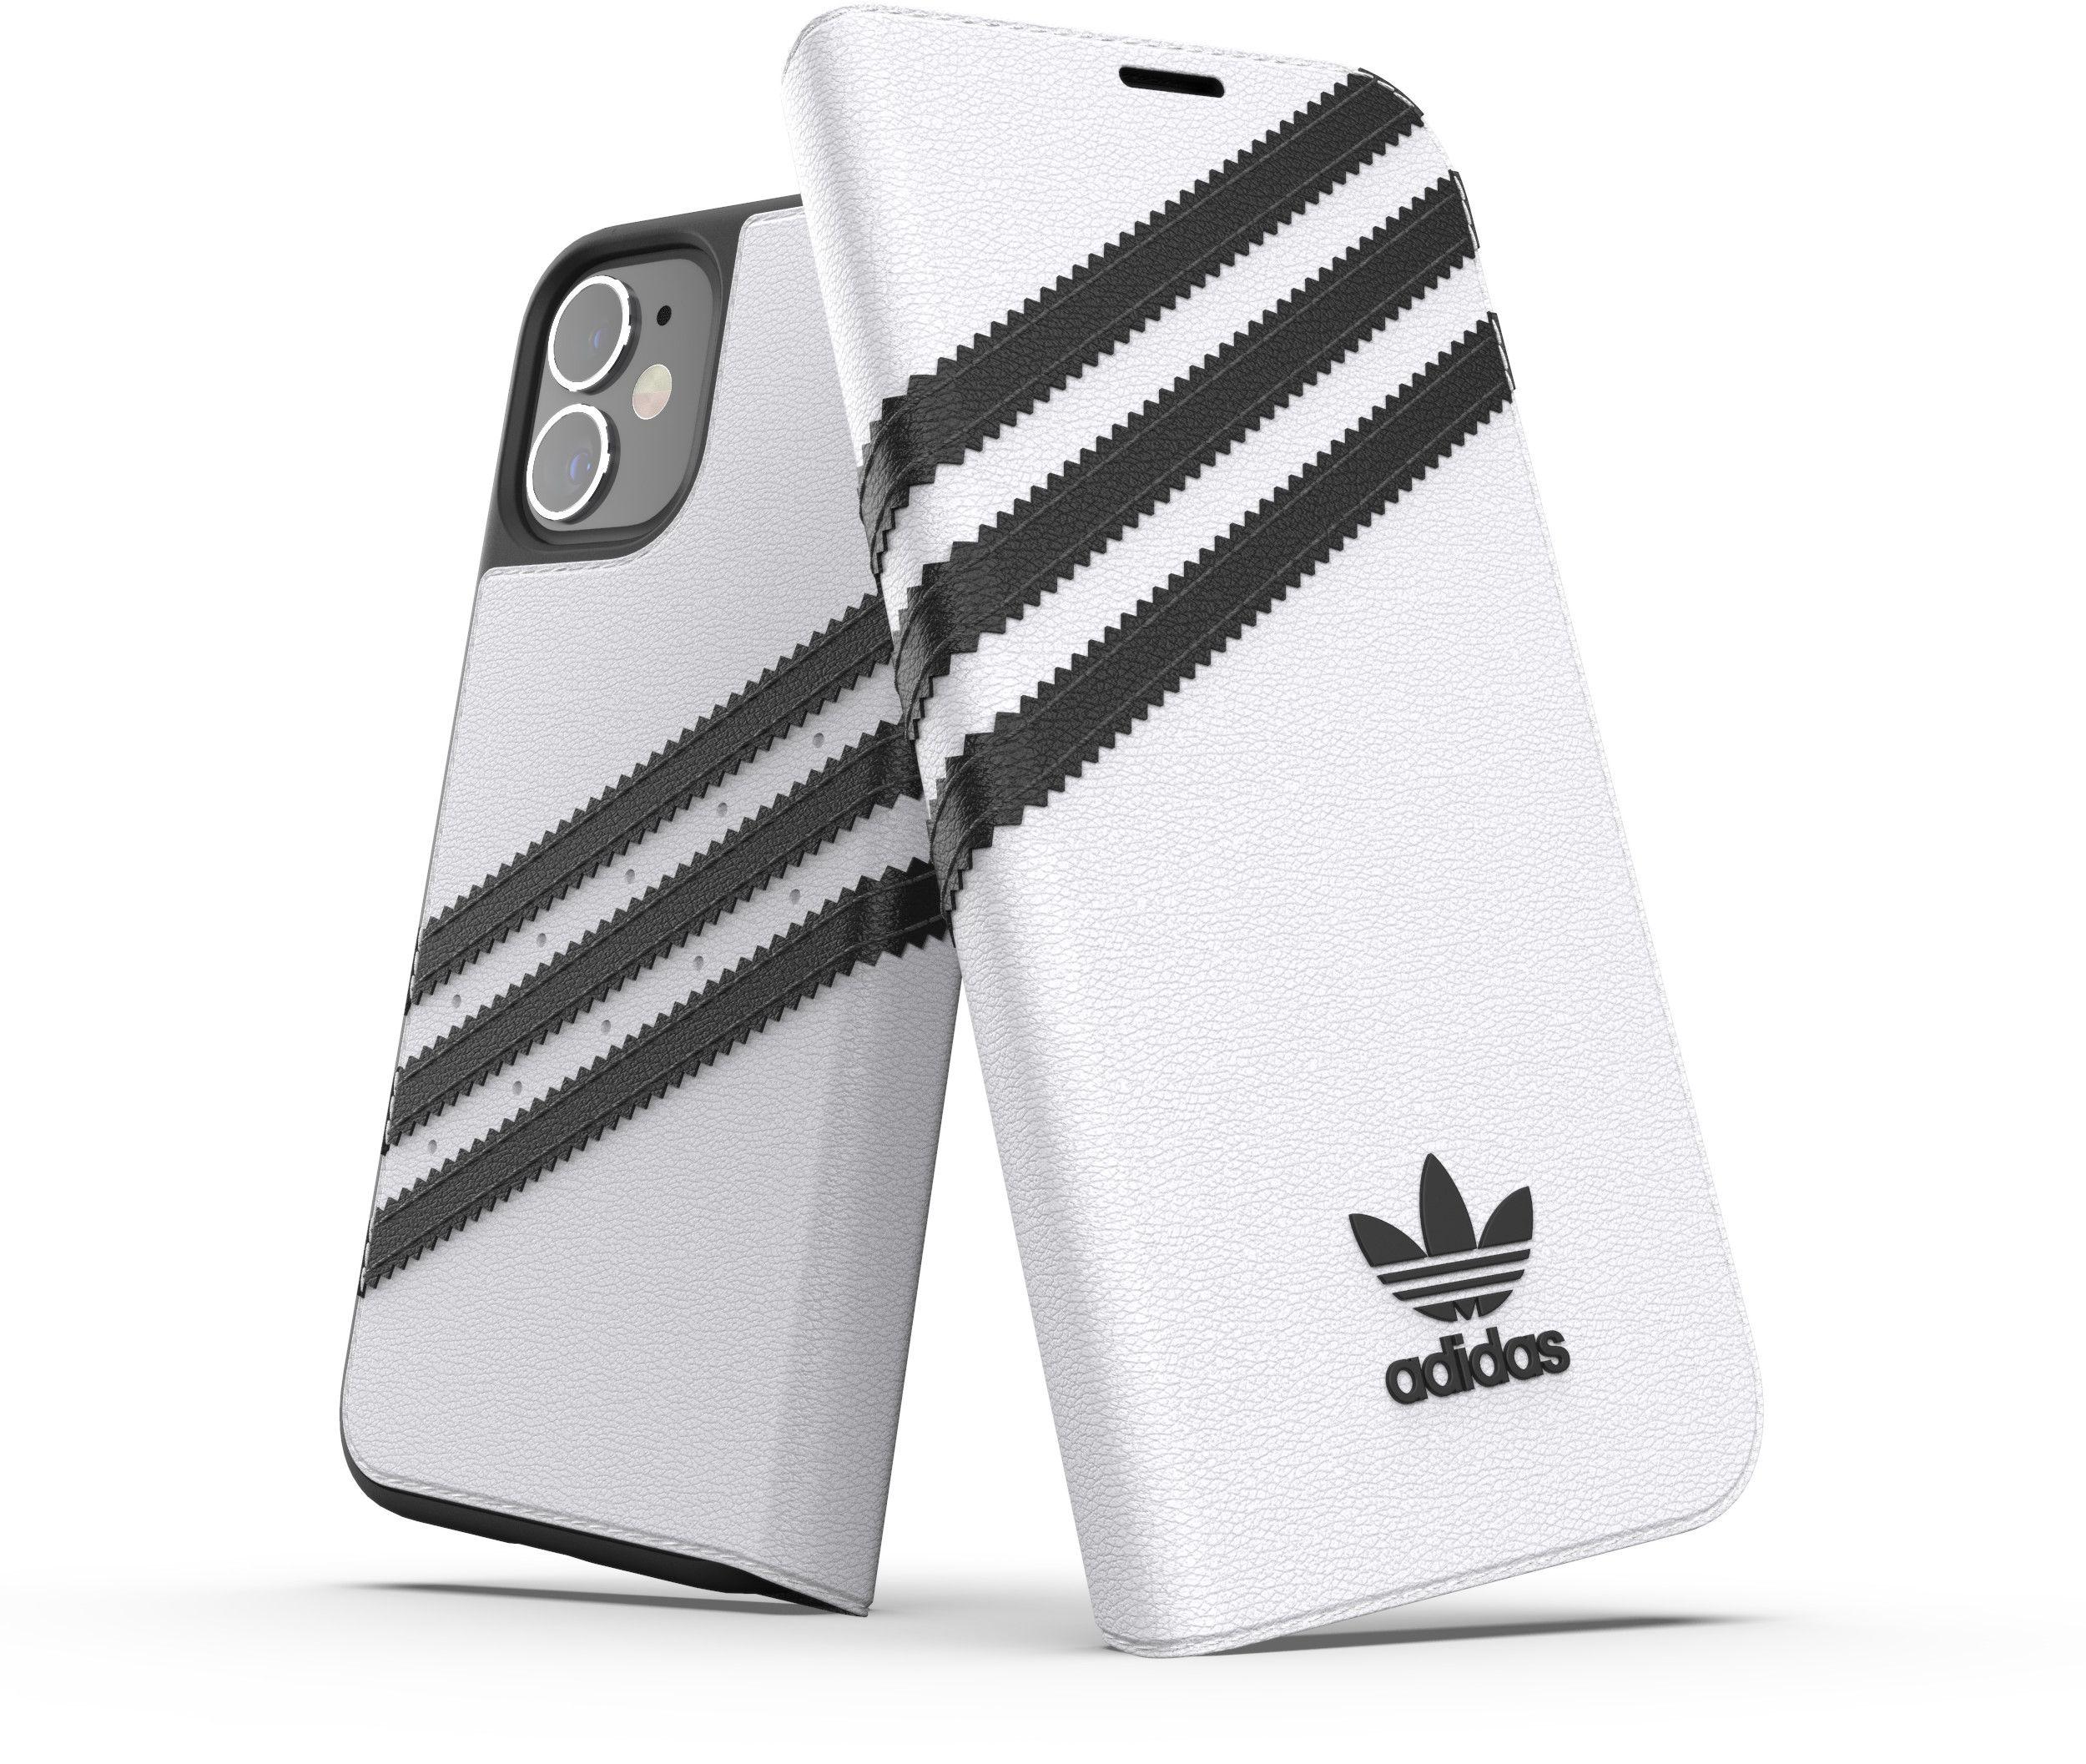 Adidas OR Original Booklet Case (iPhone 12 mini) - Svart/vit